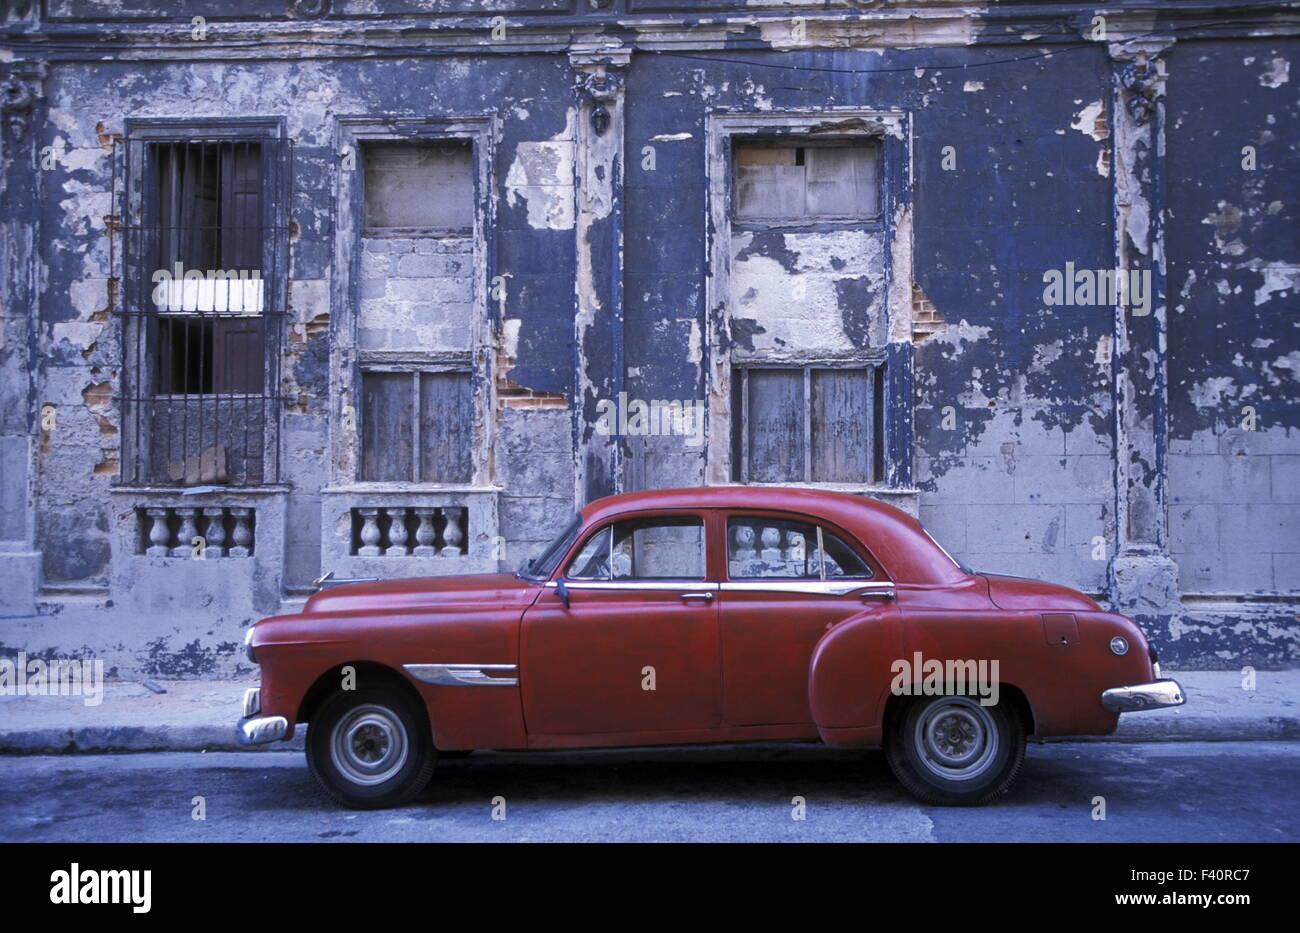 Latina Cuba La Habana. Imagen De Stock